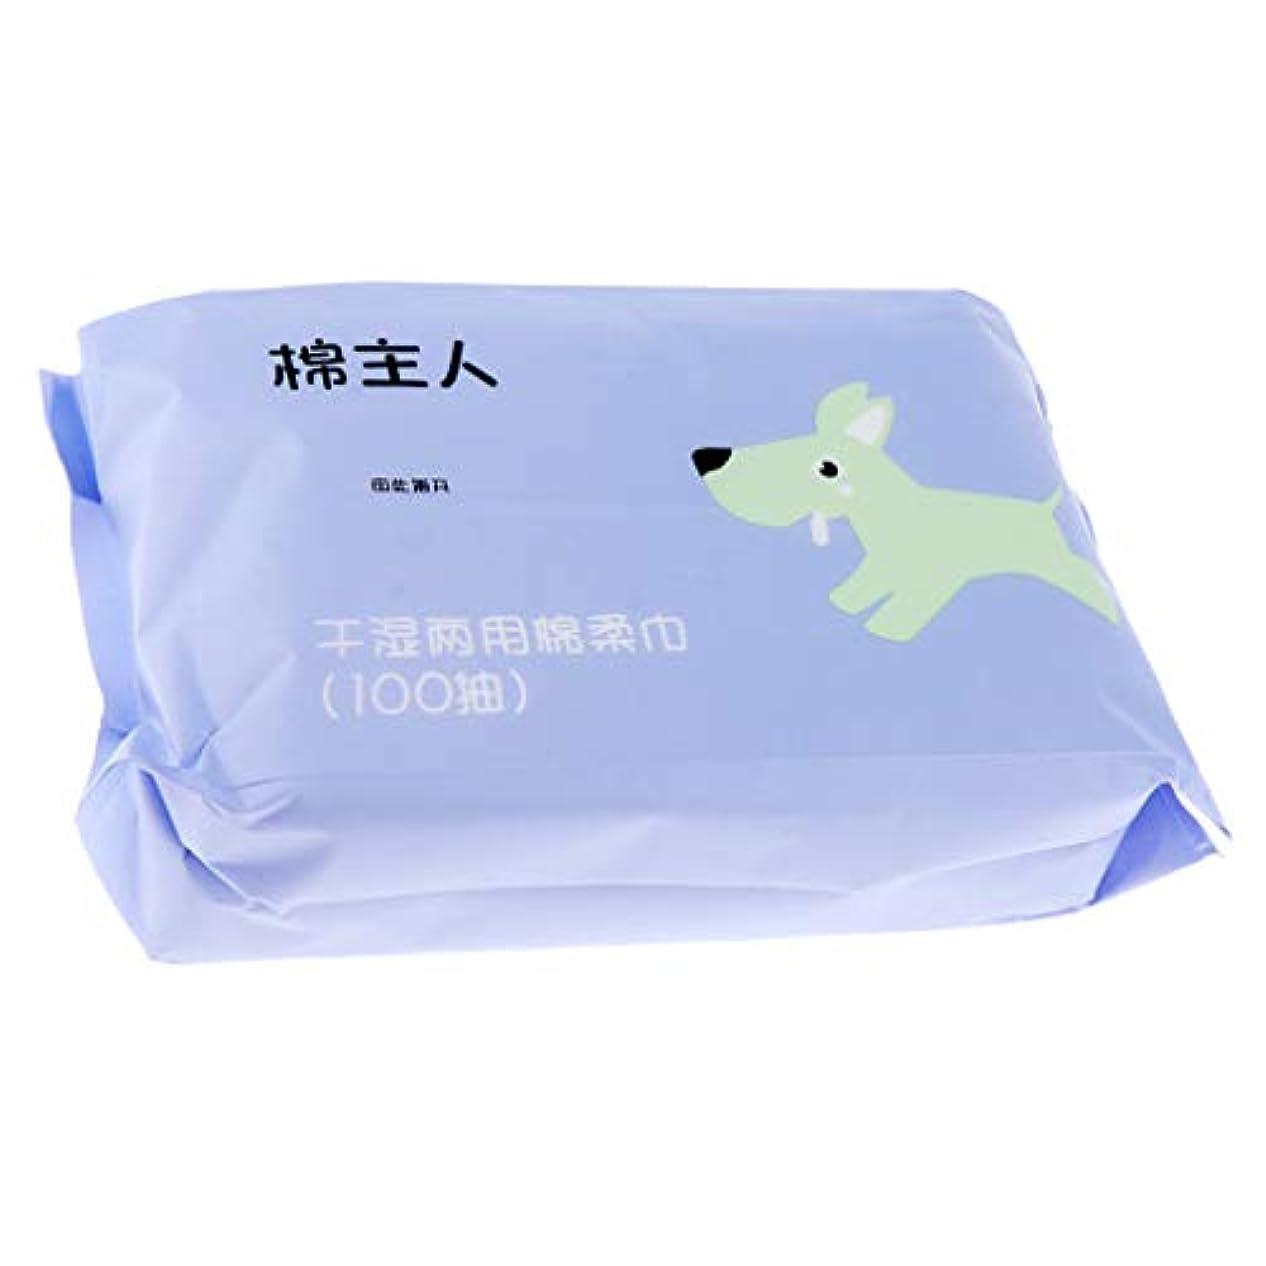 パックハムキリマンジャロIPOTCH 約100枚 使い捨て クリーニング フェイスタオル 化粧品 ソフト フェイシャルワイプ 2色選べ - 青紫